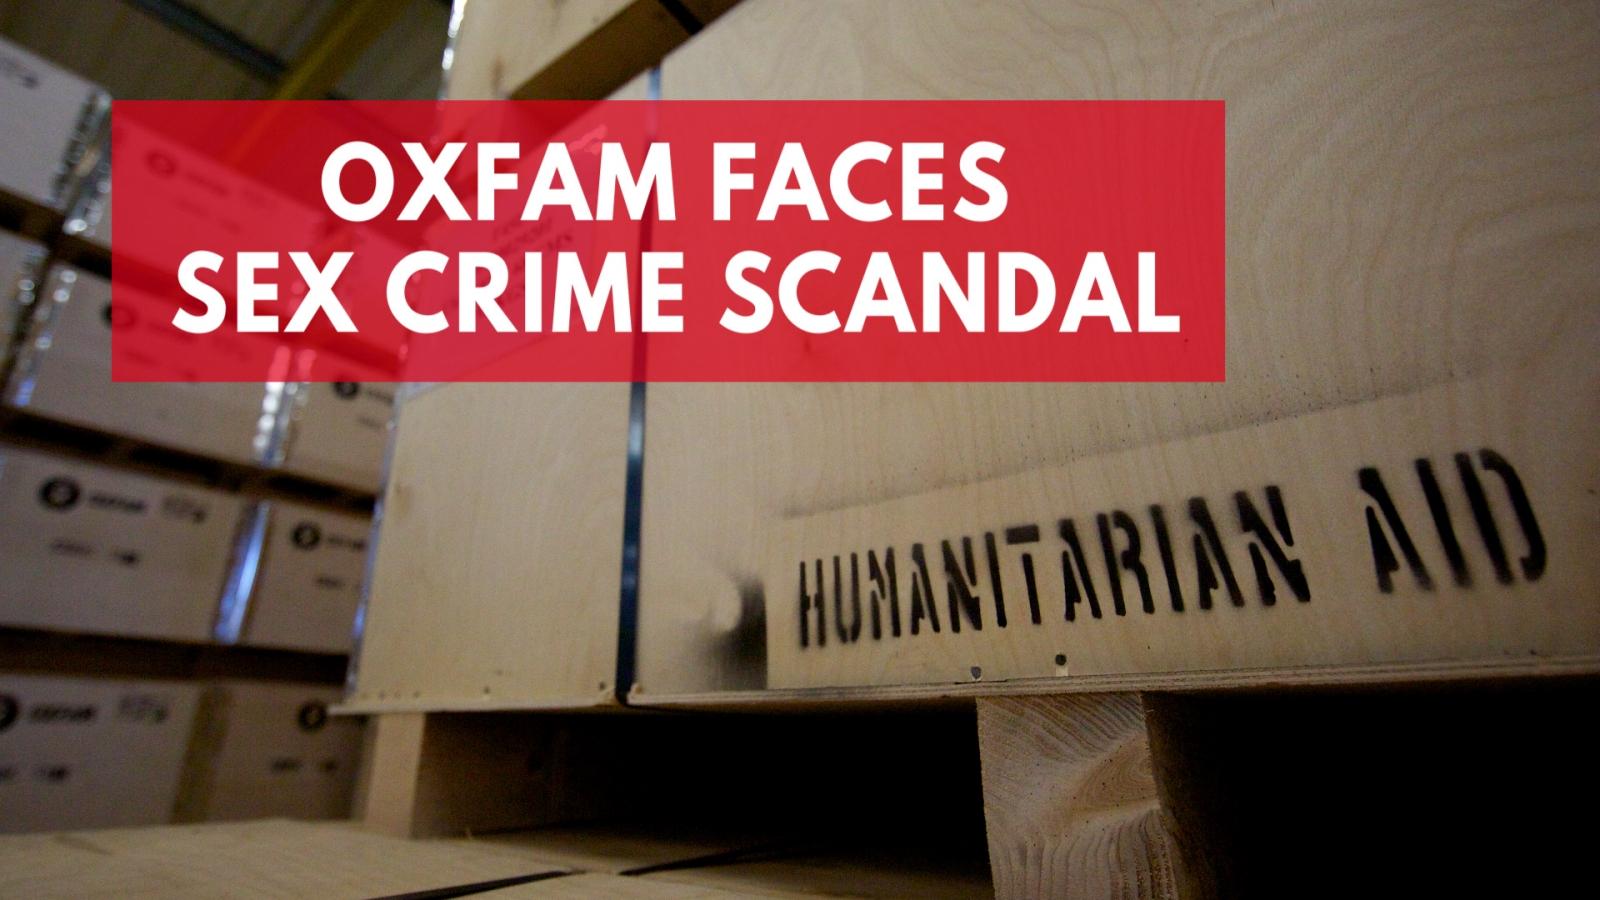 Oxfam Faces Sex Crime Scandal in Haiti Following 2010 Earthquake